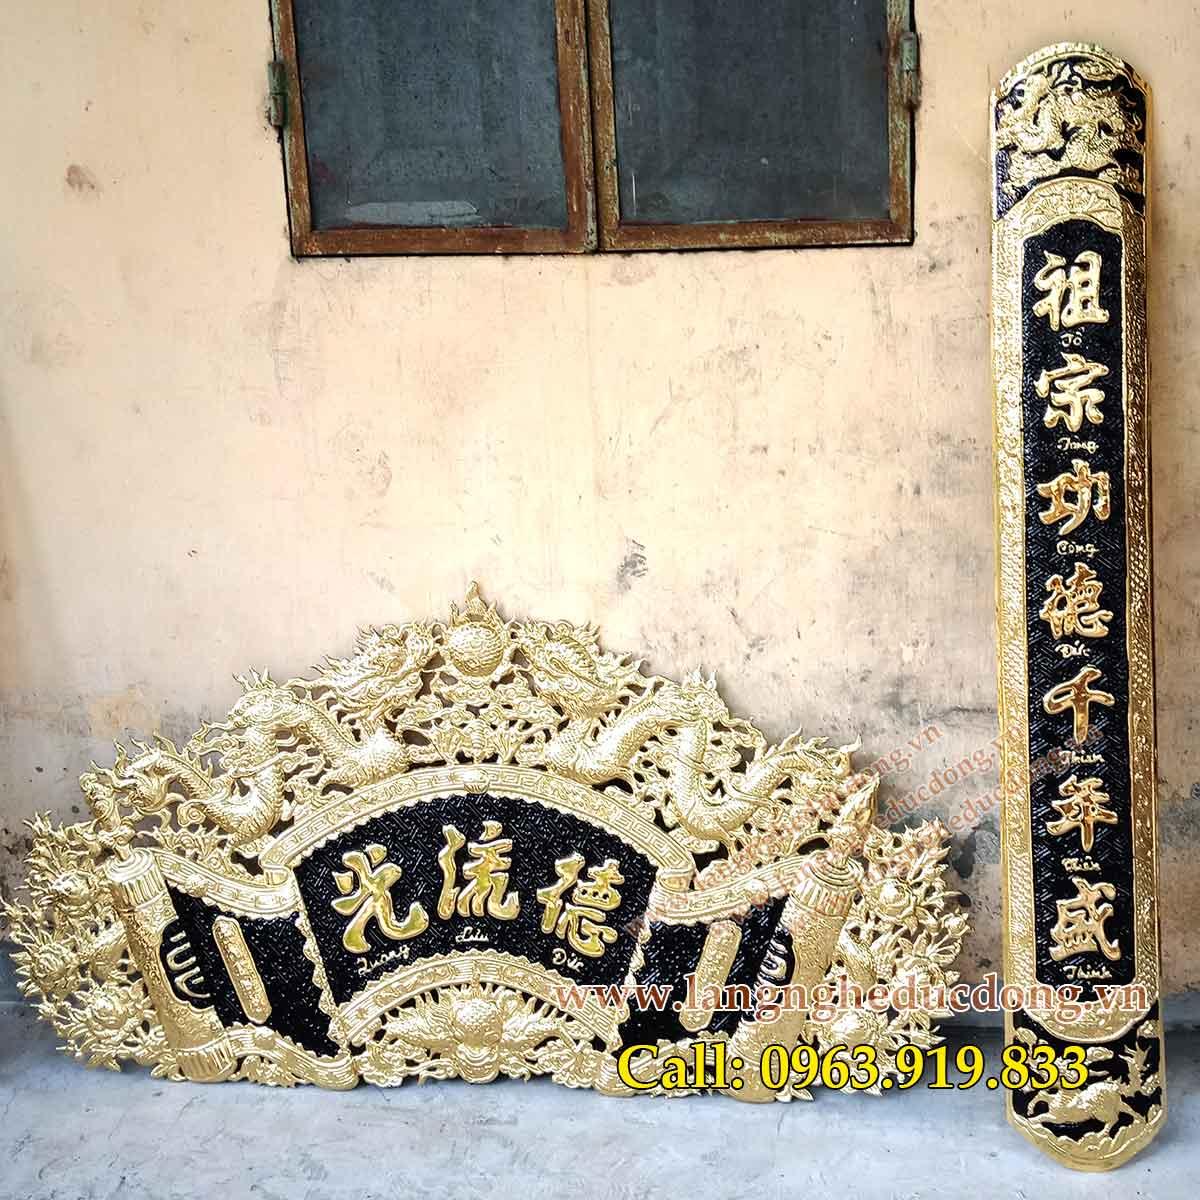 langngheducdong.vn - đồ thờ bằng đồng, cuốn thư câu đối, hoành phi, đại tự